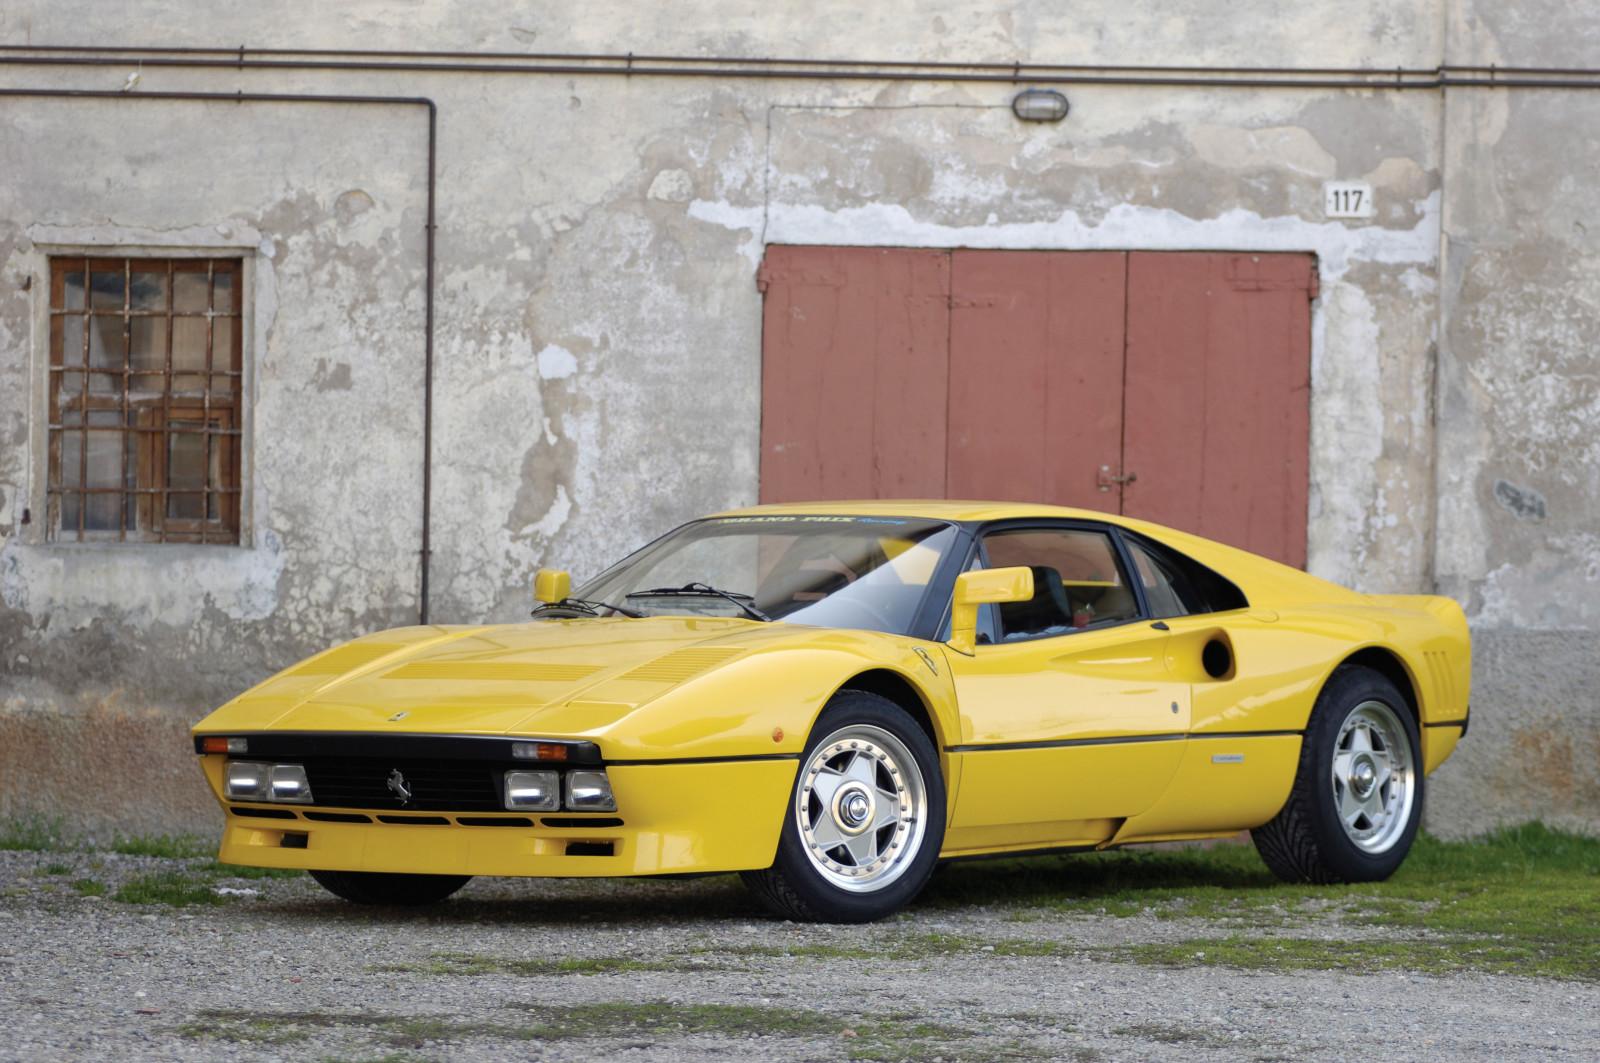 1984 Ferrari 288 GTO - Pictures - 1984 Ferrari 288 GTO picture ...